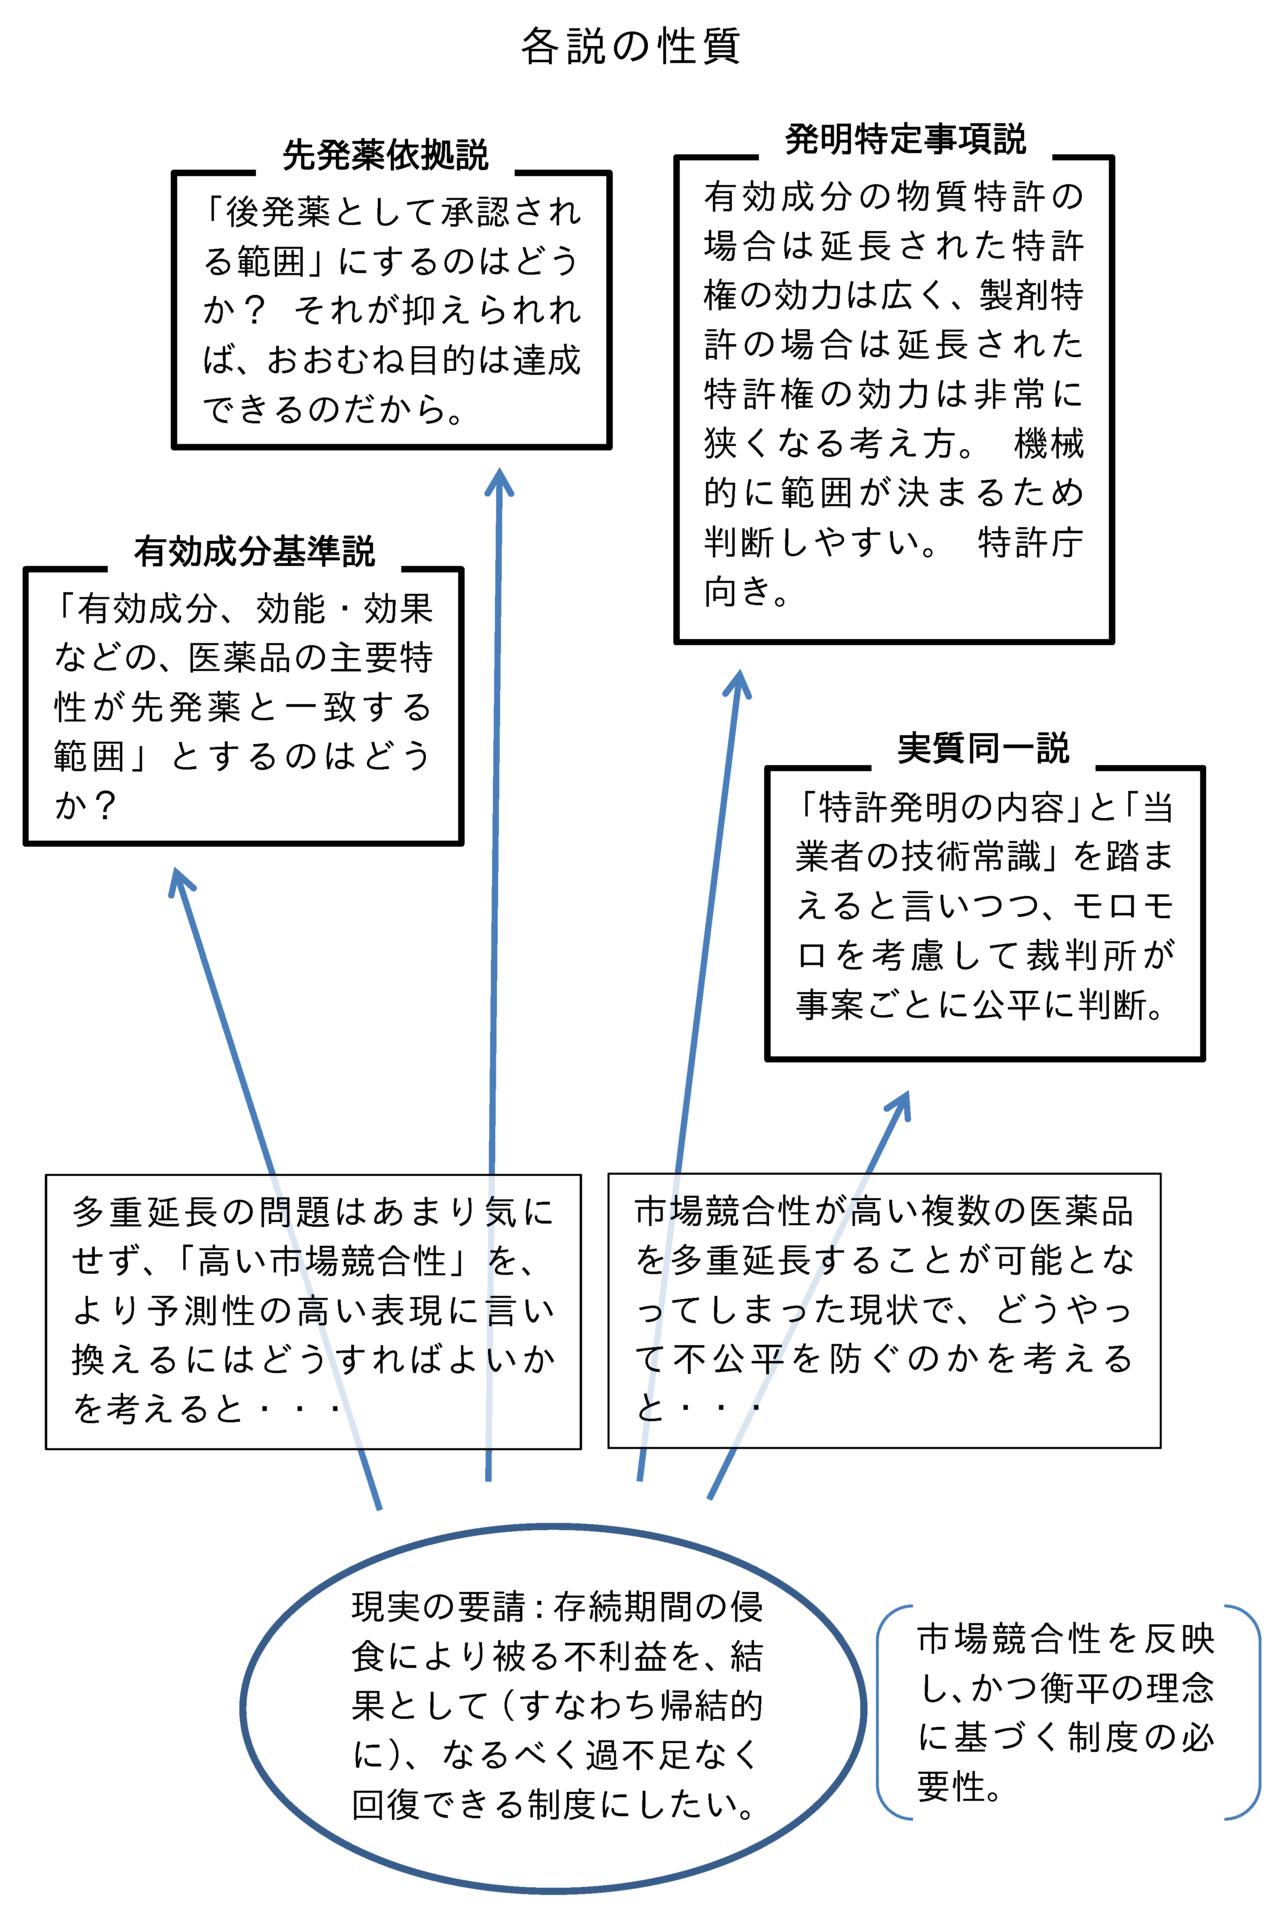 shinonara2018kakusetsu2.png